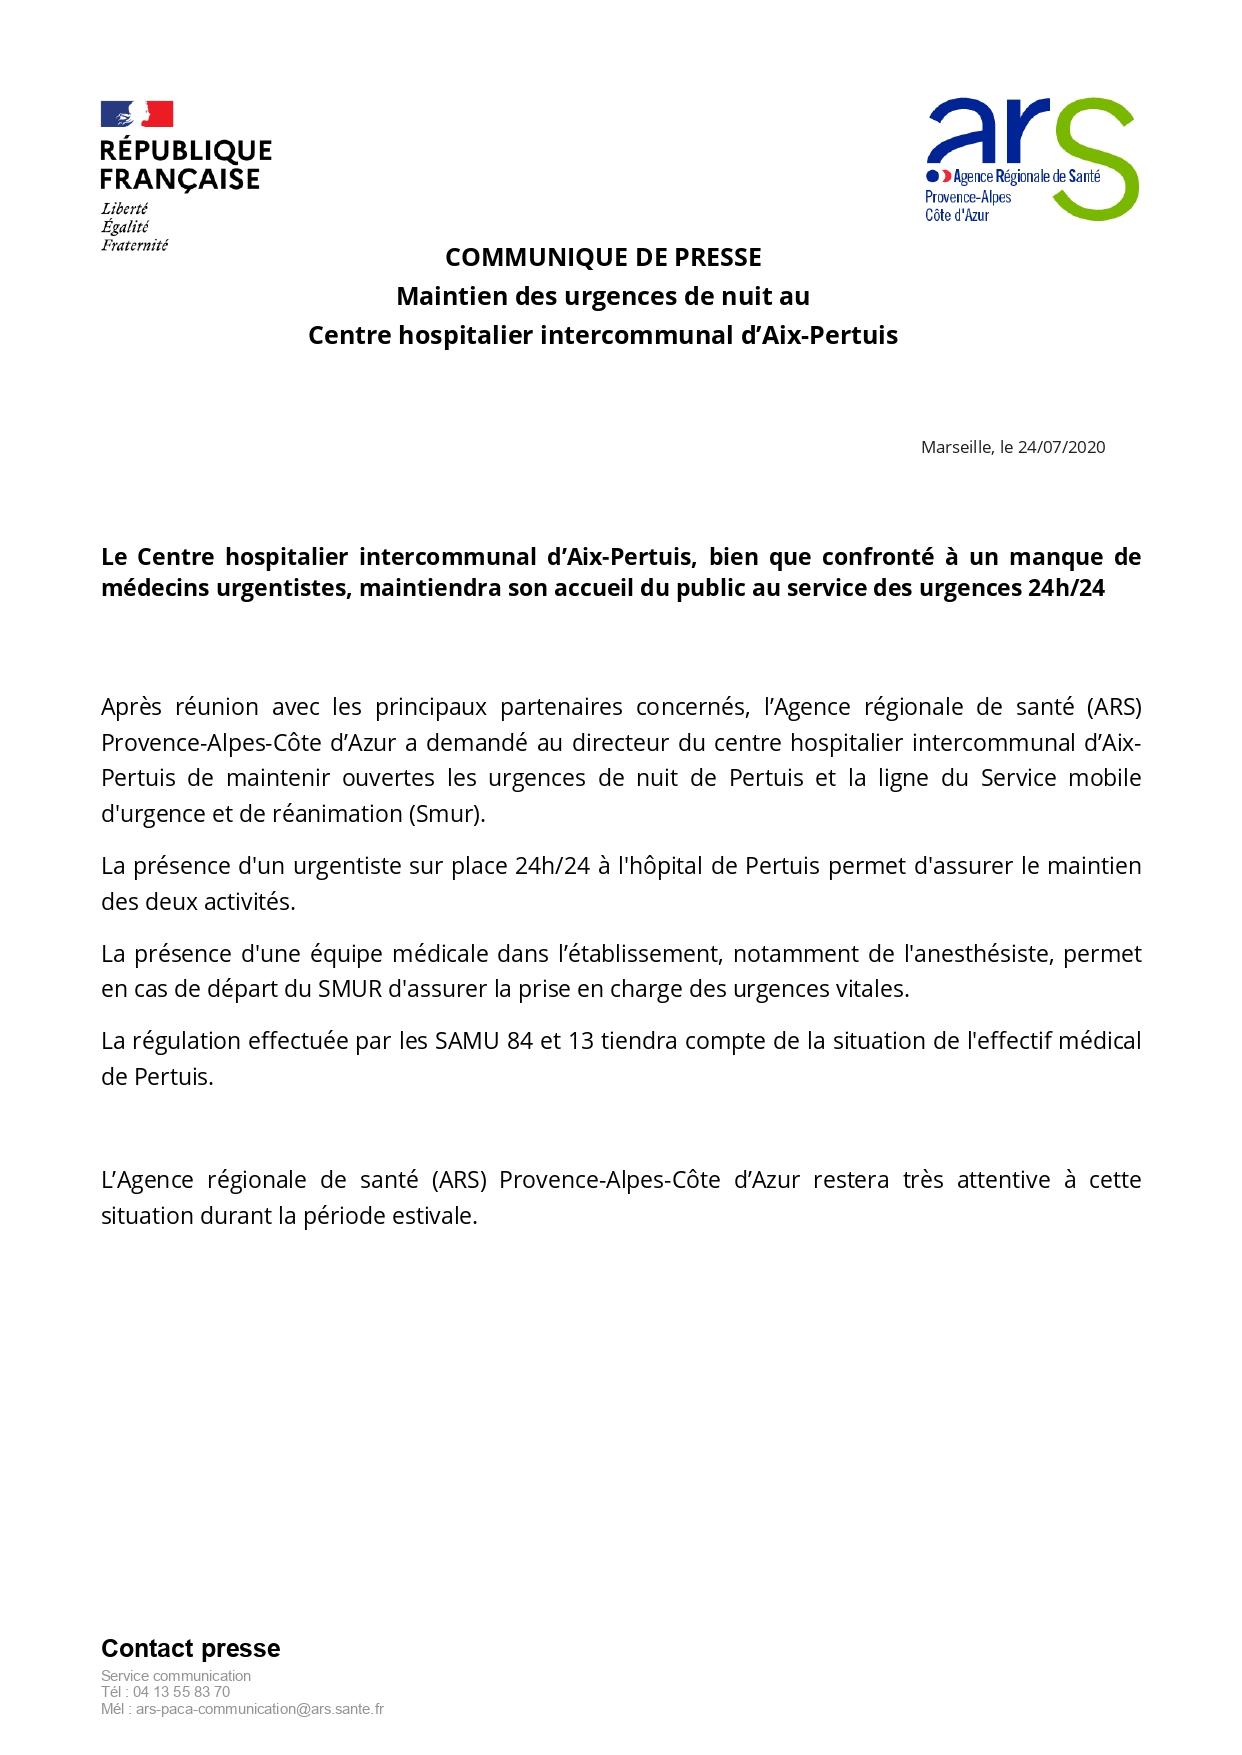 1277. Communiqué 24 juillet 2020 Urgences Pertuis ARS PACA